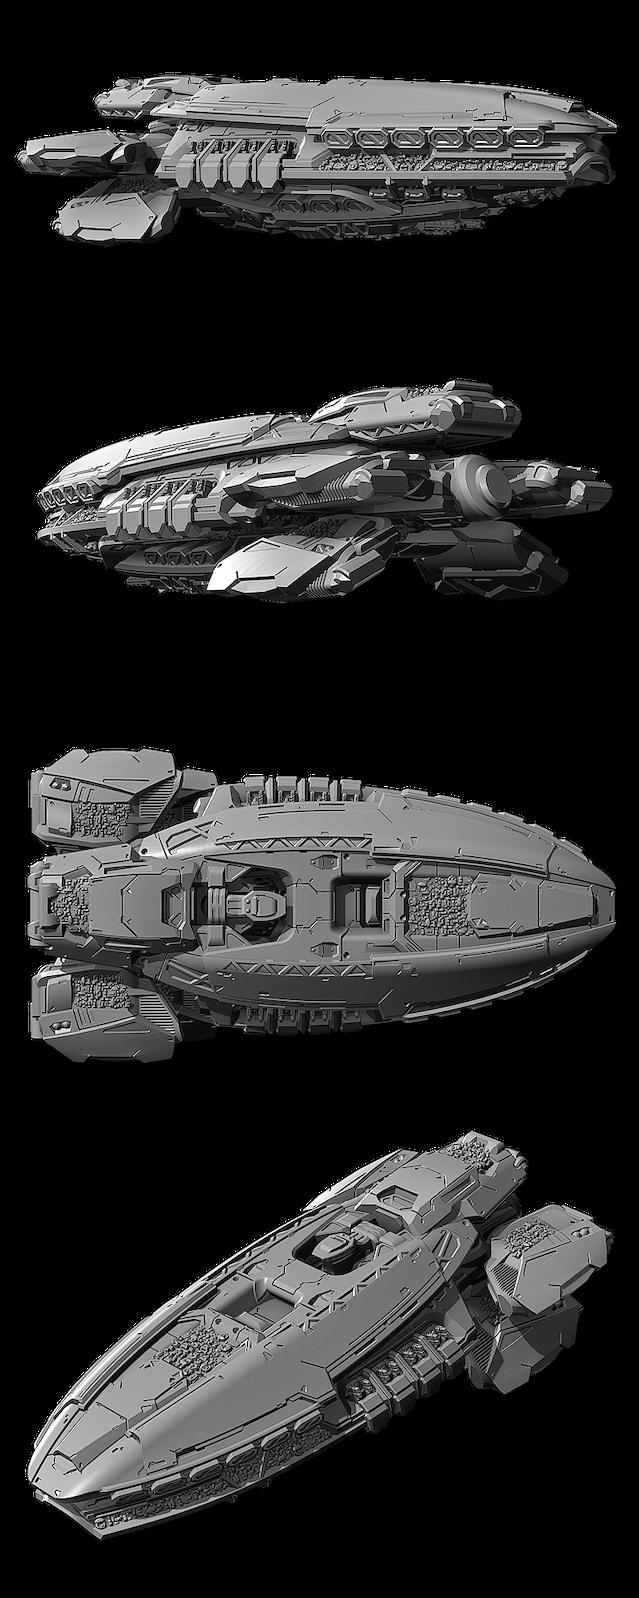 KS Firestorm Armada 2017 - GO ! F3260ed31481fbcac293625d91041c5c_original